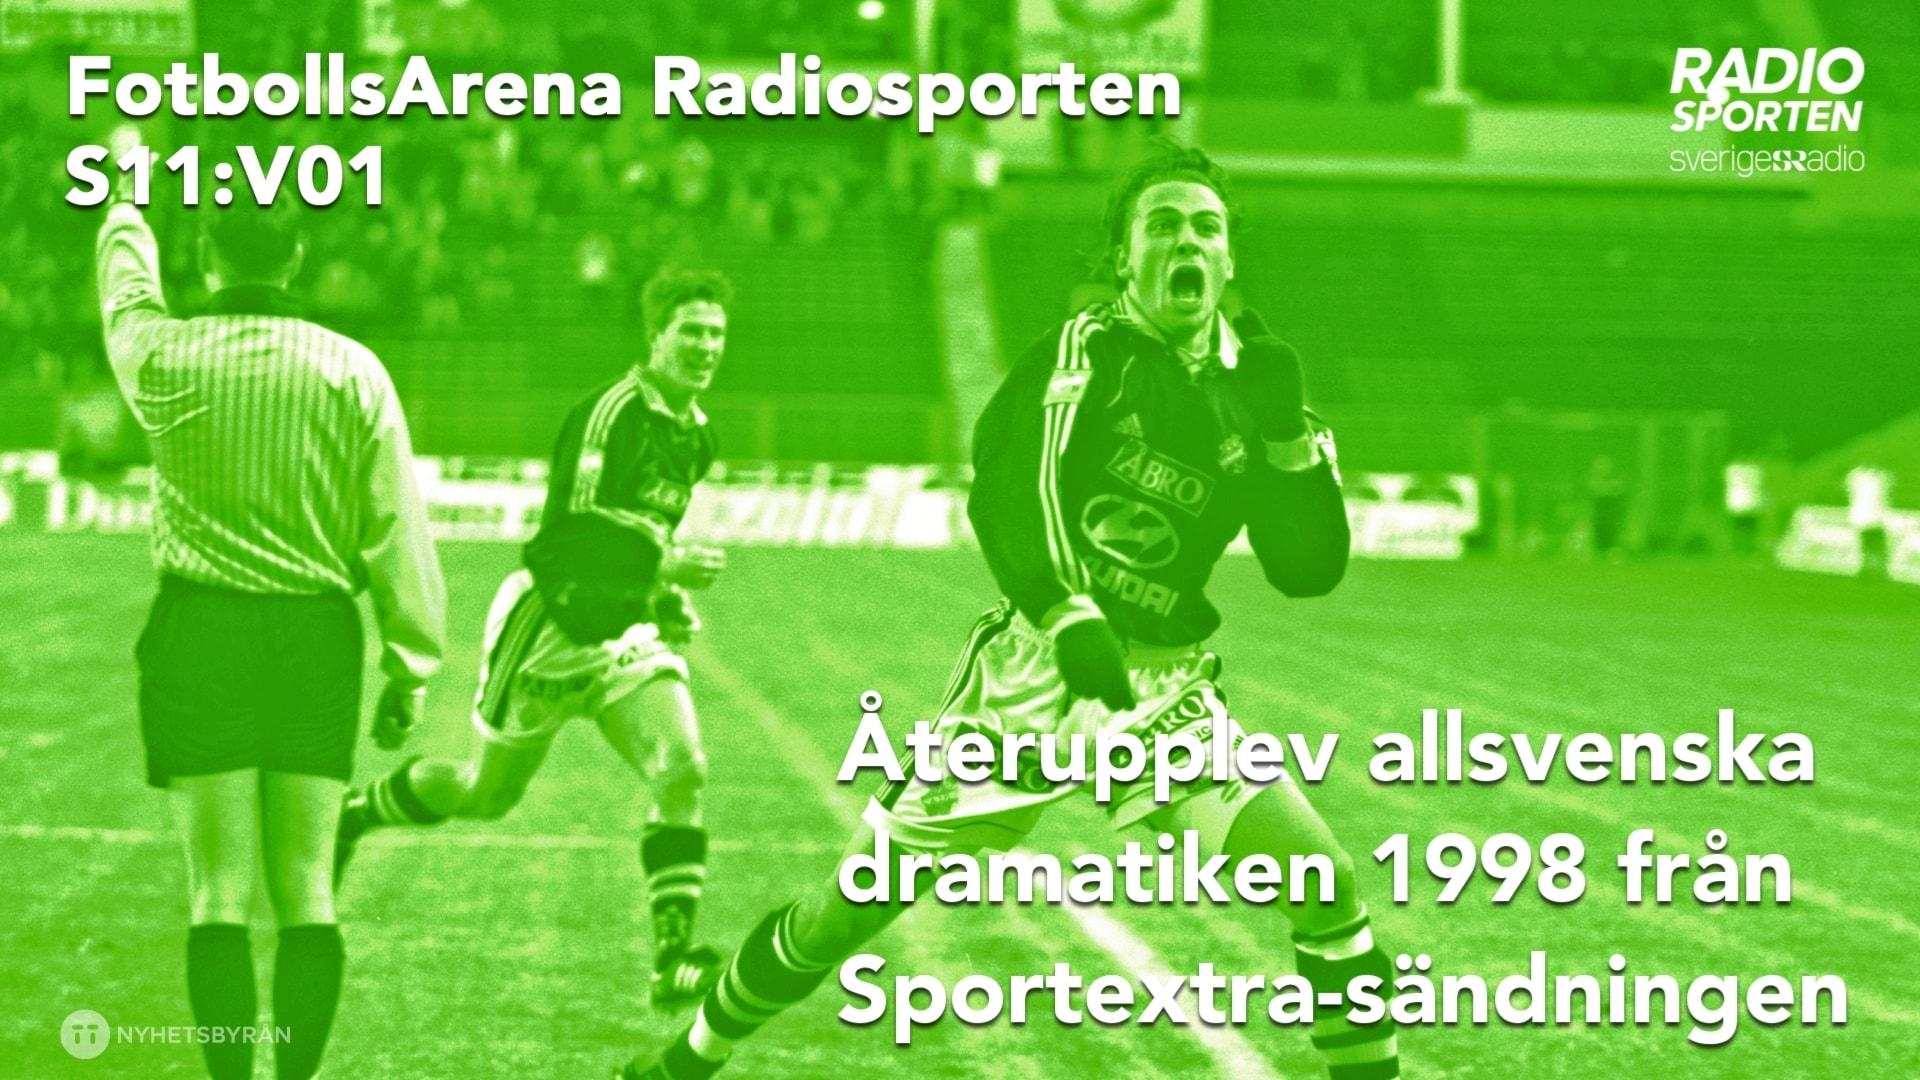 Specialavsnitt: Sportextra med allsvenskt drama från 1998